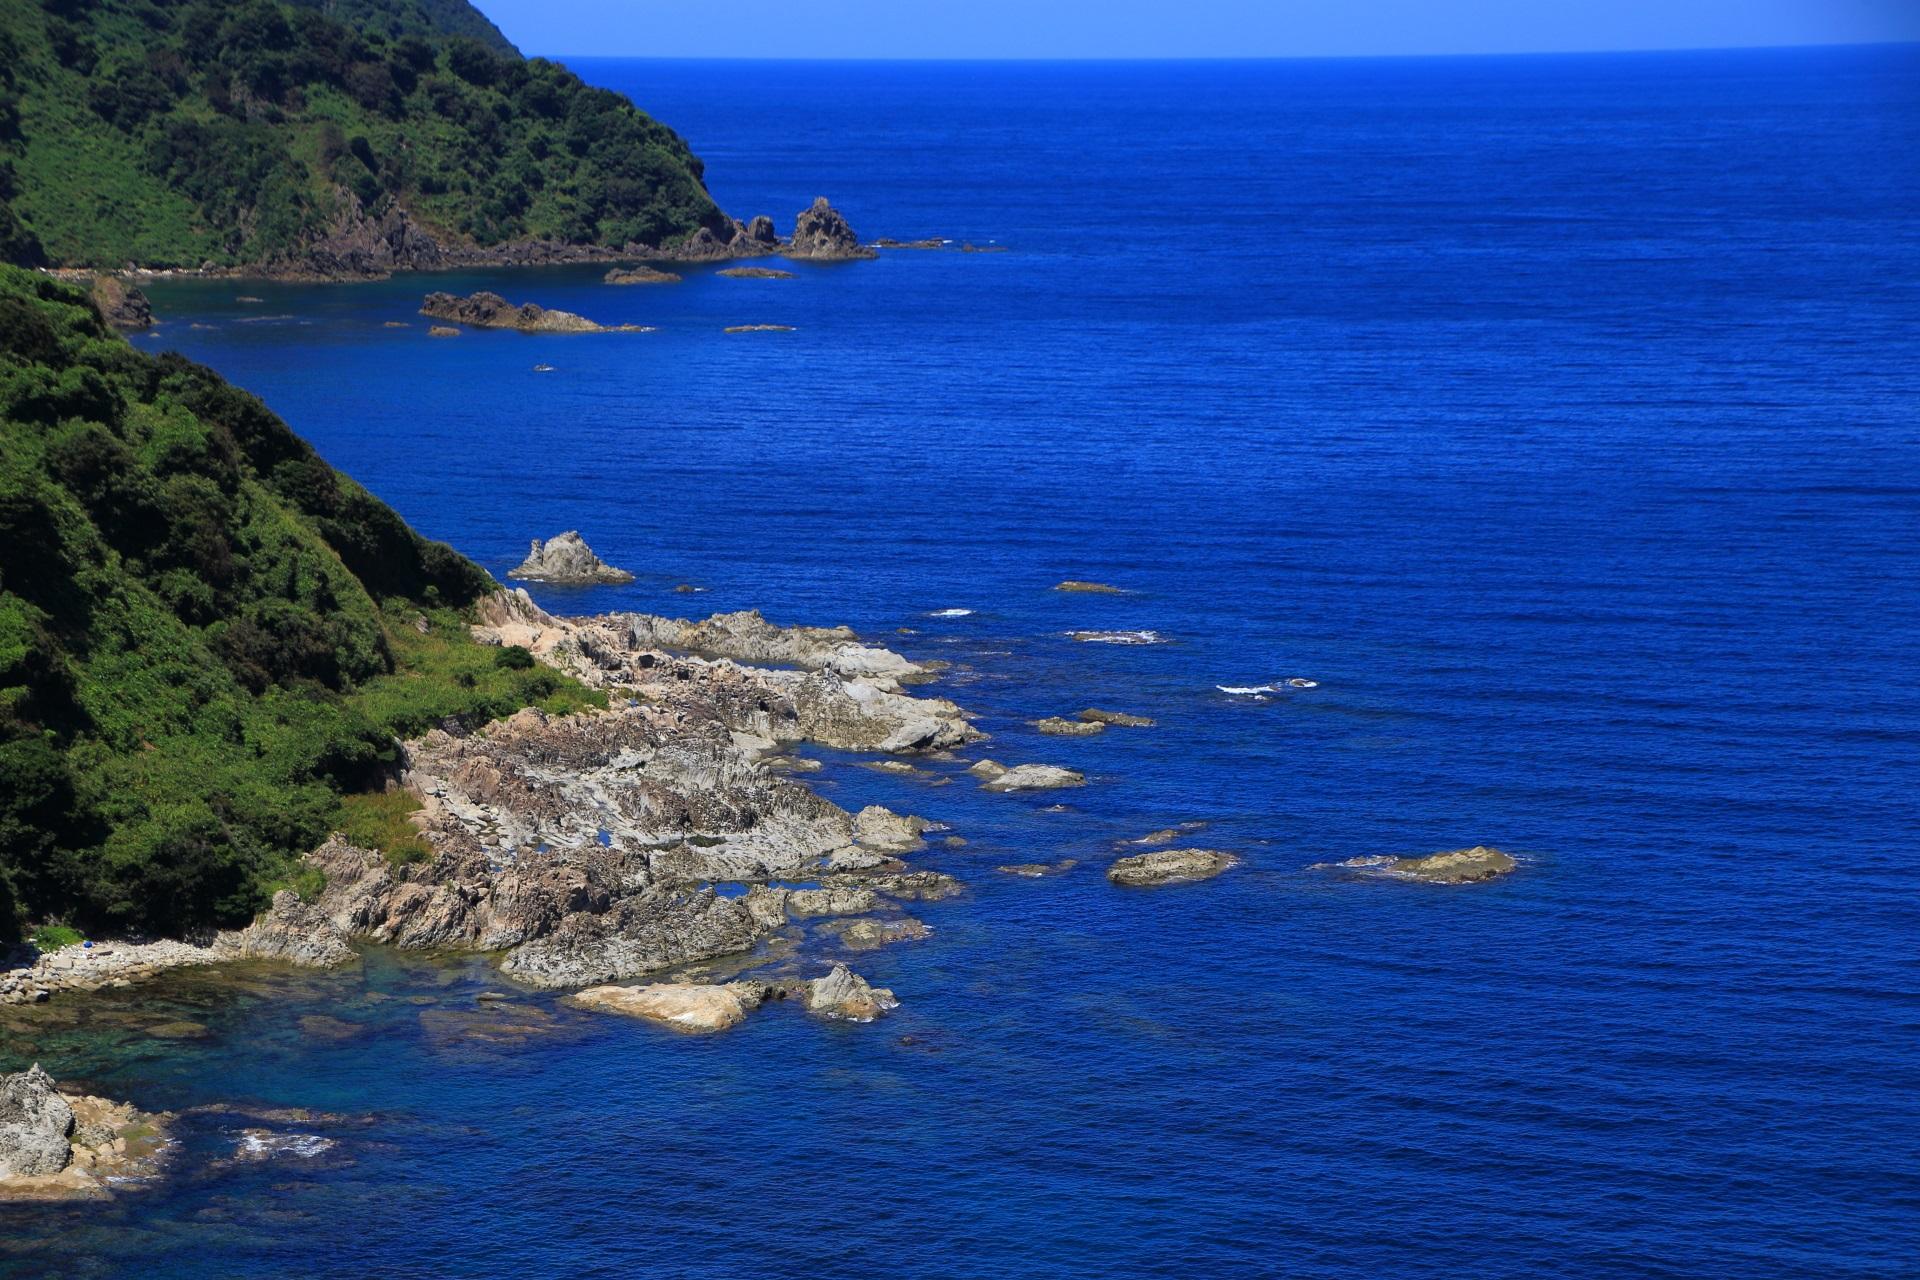 まだまだ続くカマヤ海岸の圧巻の海の景色